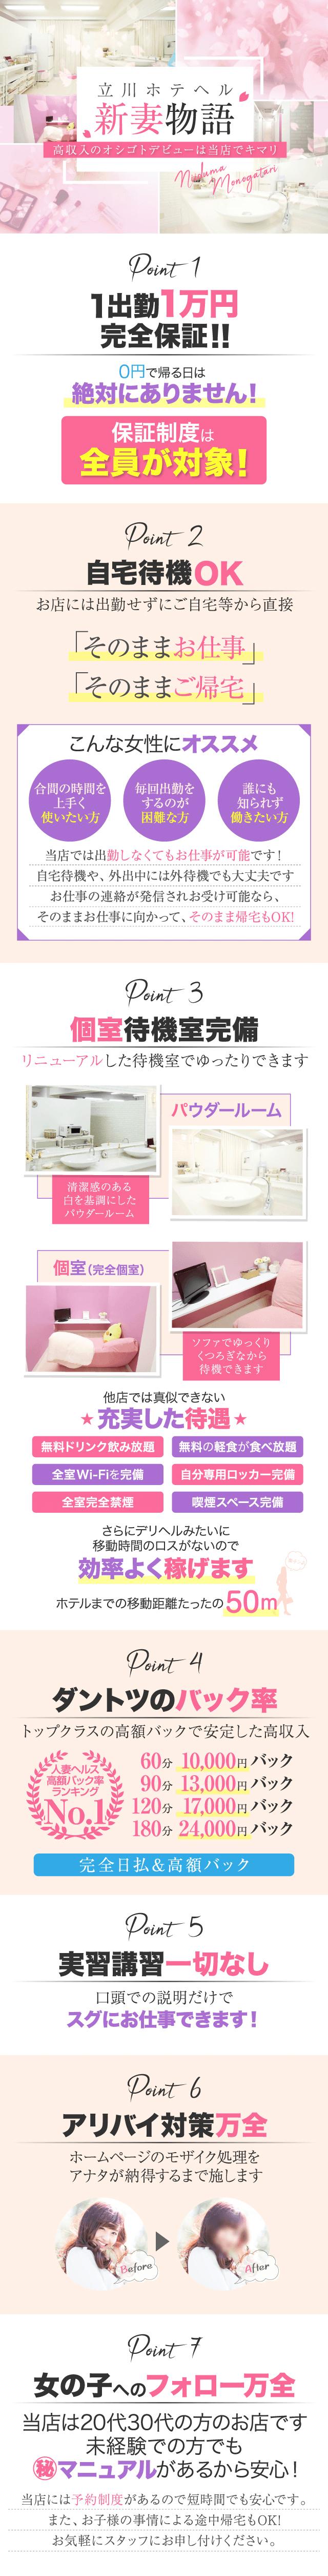 高収入のオシゴトデビューは当店でキマリ!立川ホテヘル新妻物語